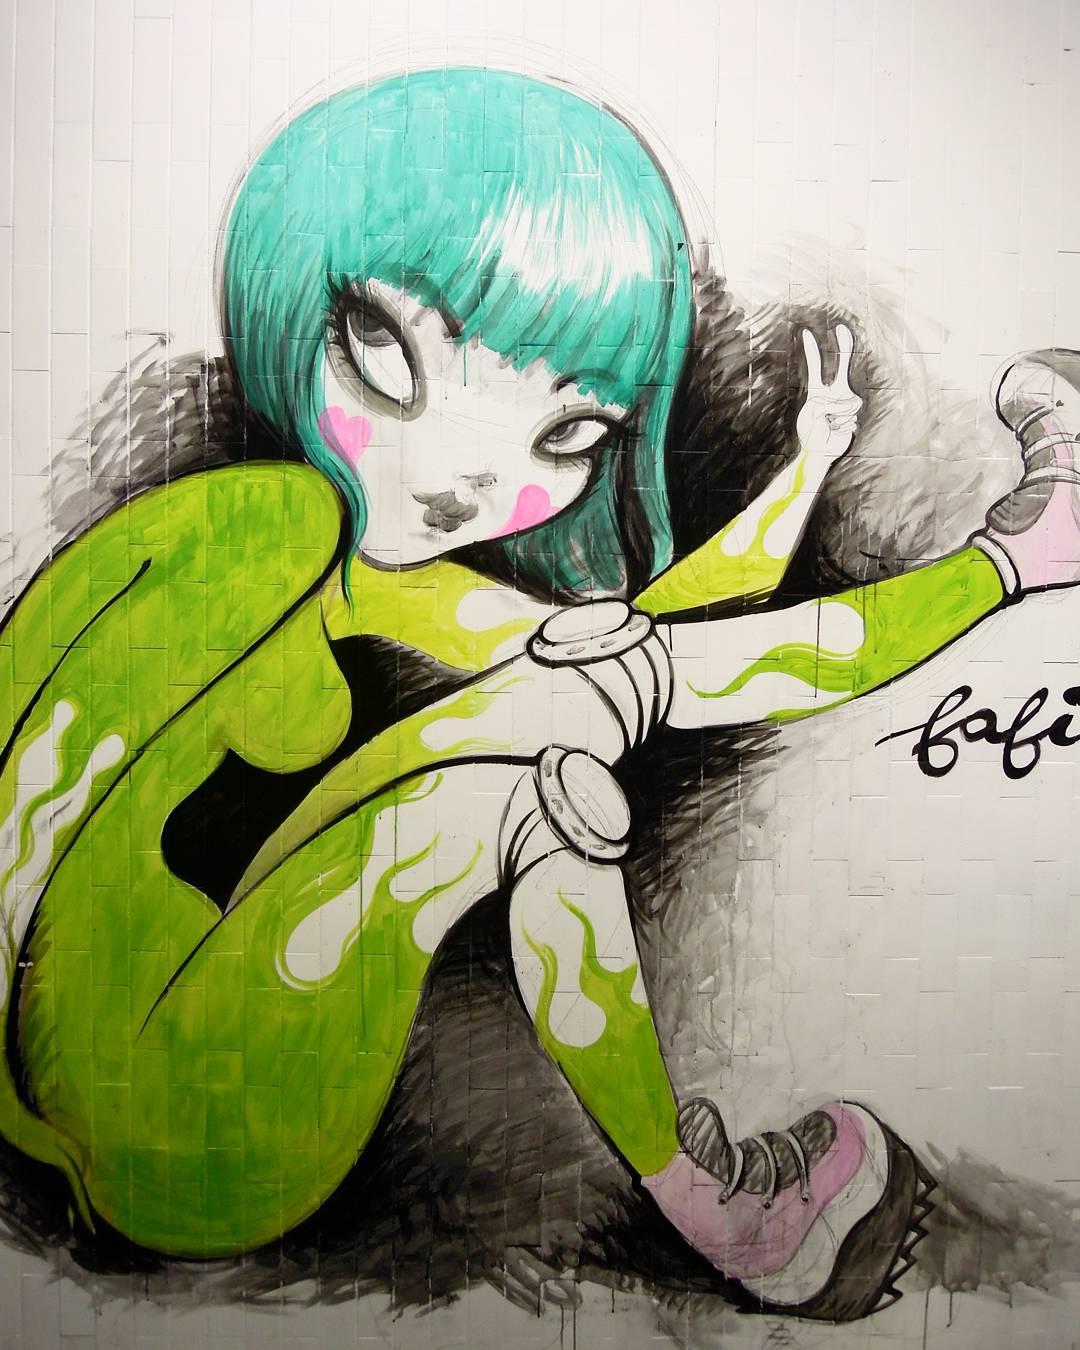 art by Fafi gare du nord